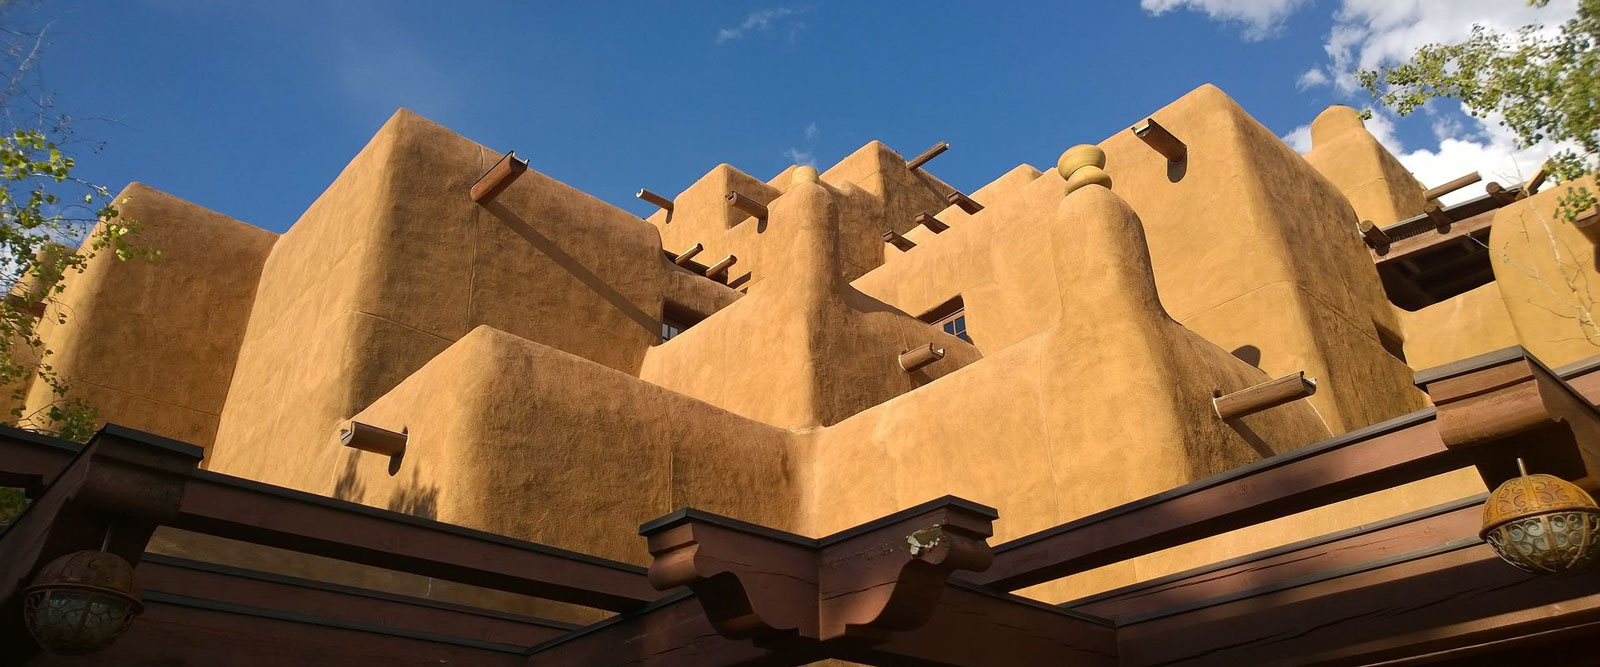 MPTC New Mexico 2020